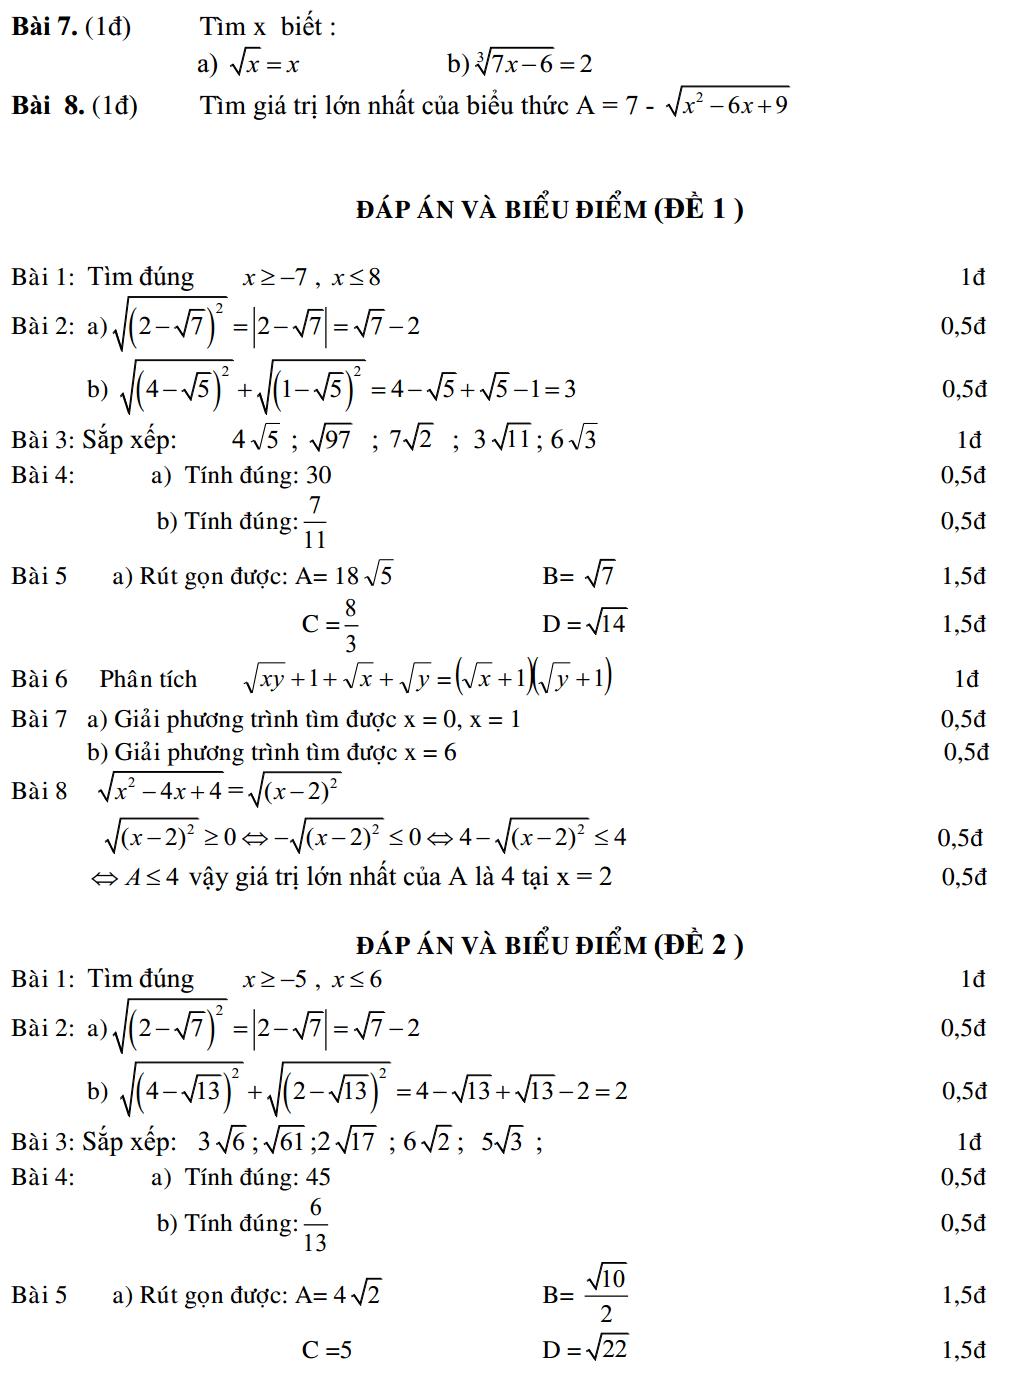 Đề kiểm tra chương 1 đại số 9 (có lời giải chi tiết)